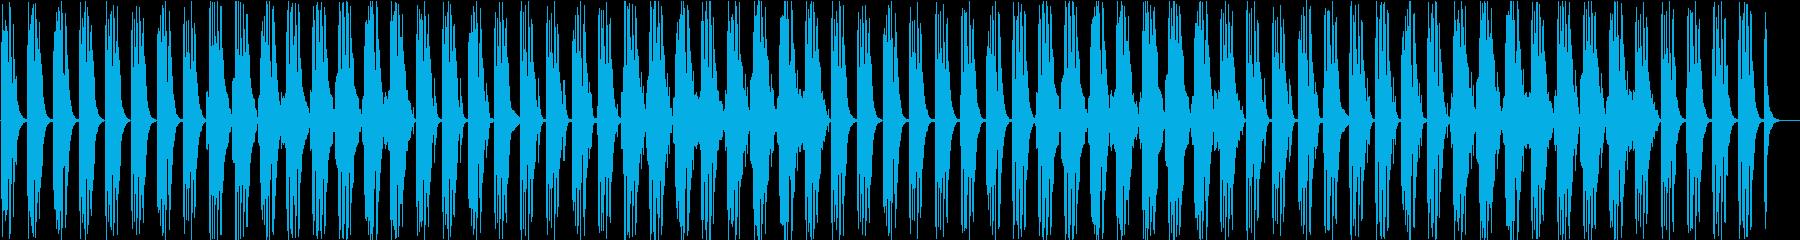 日常・マリンバ・フルート・アニメの再生済みの波形